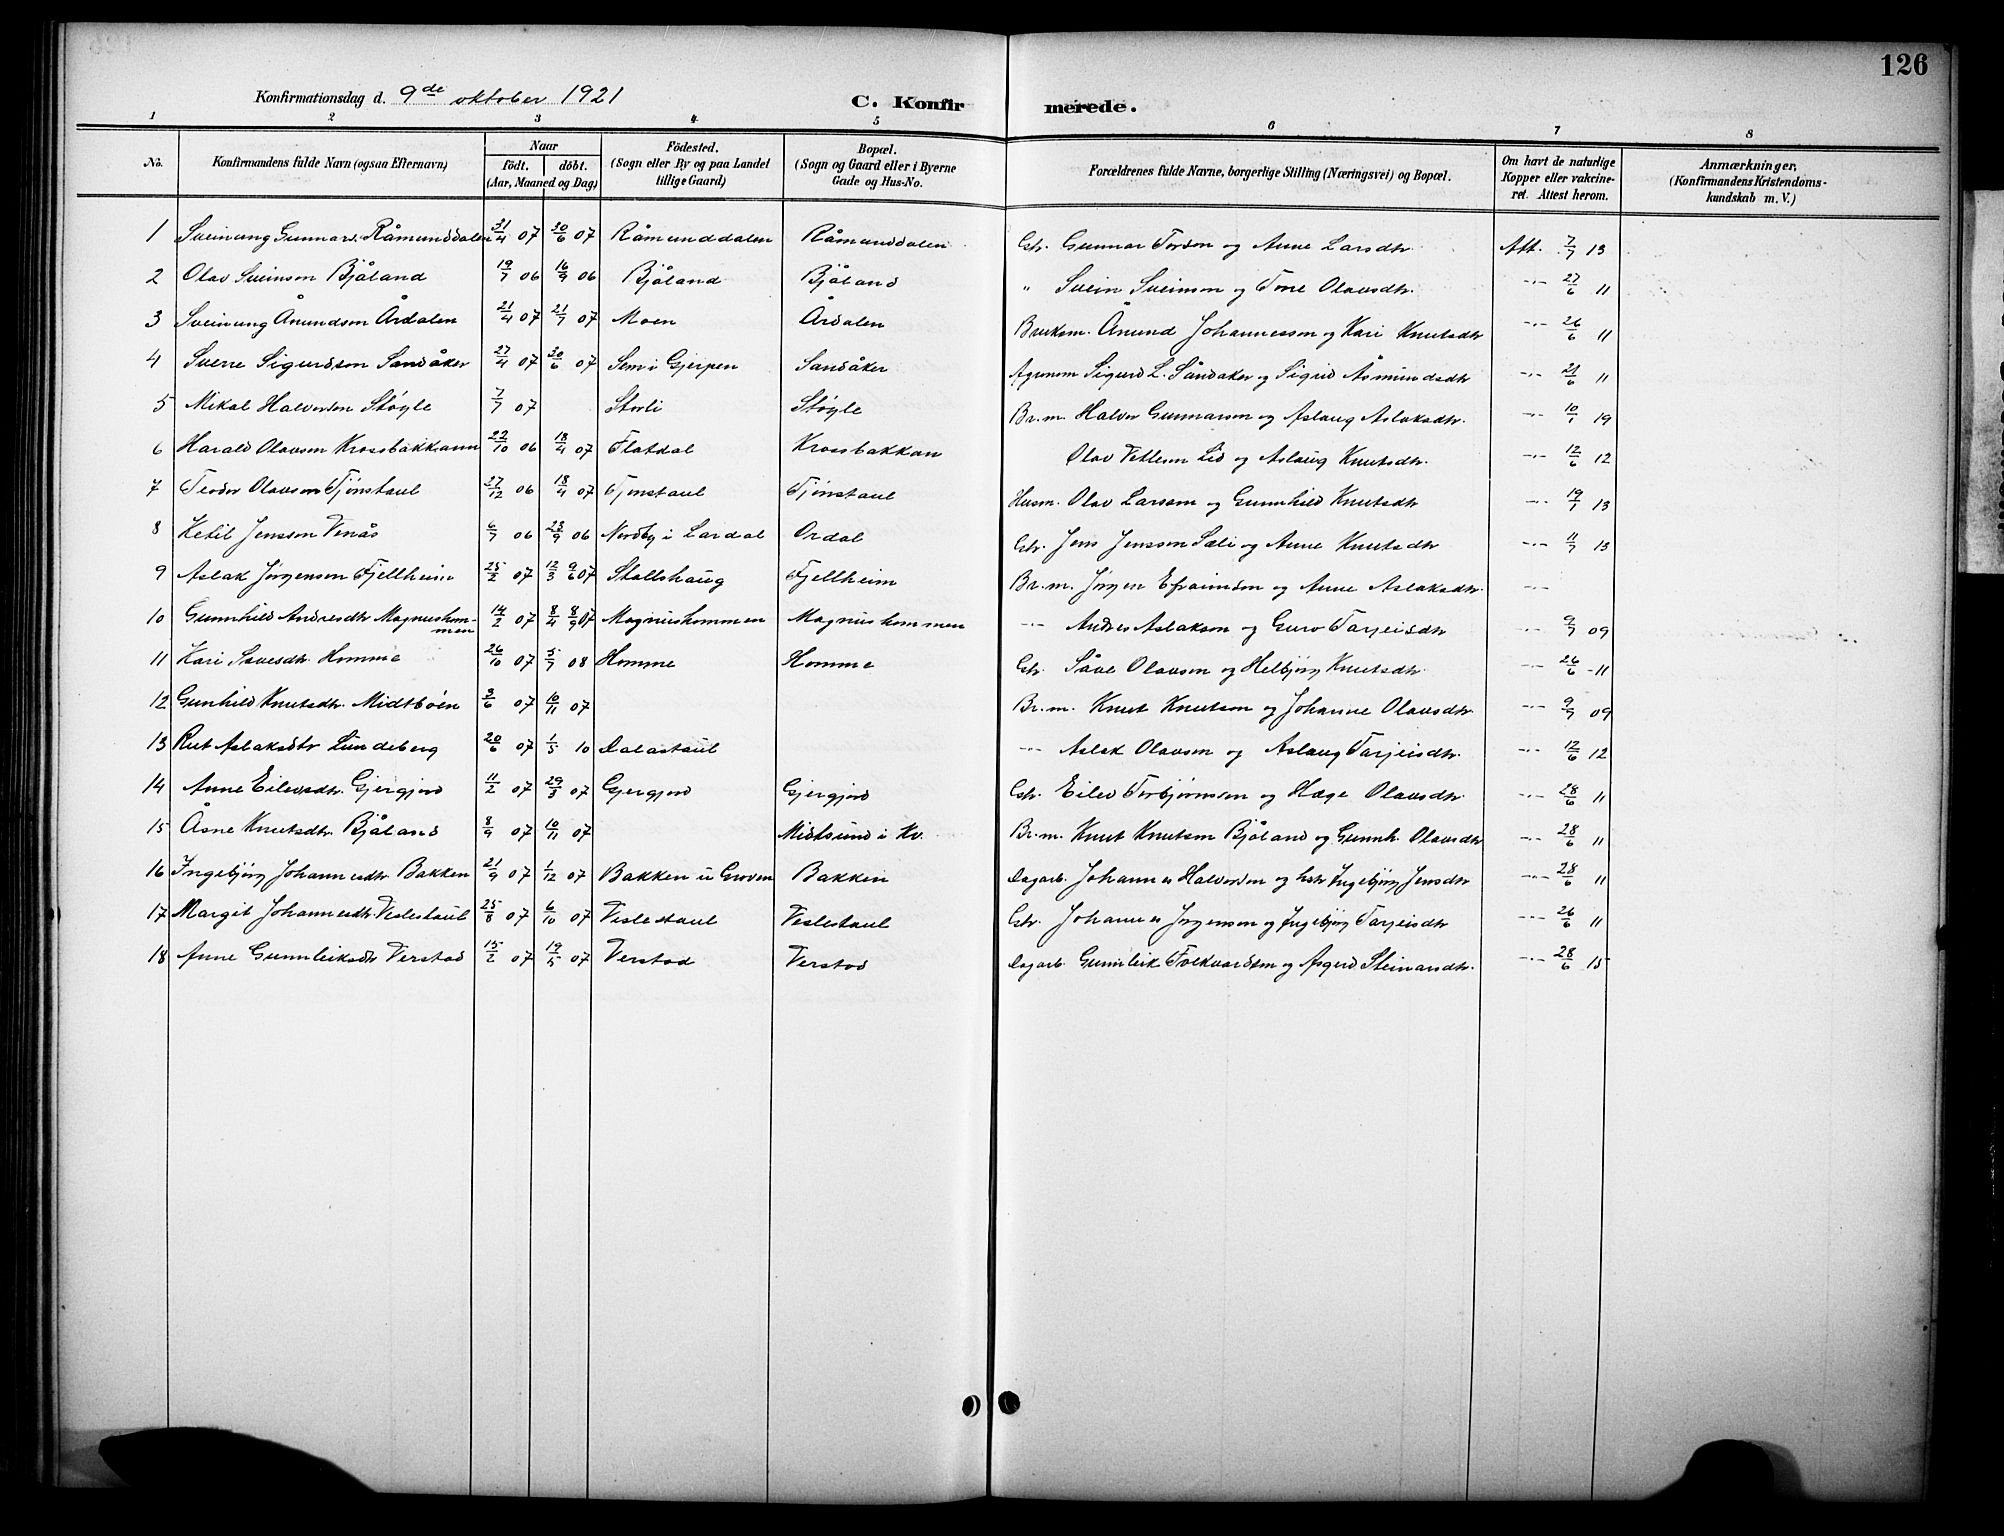 SAKO, Kviteseid kirkebøker, G/Gb/L0003: Klokkerbok nr. II 3, 1893-1933, s. 126